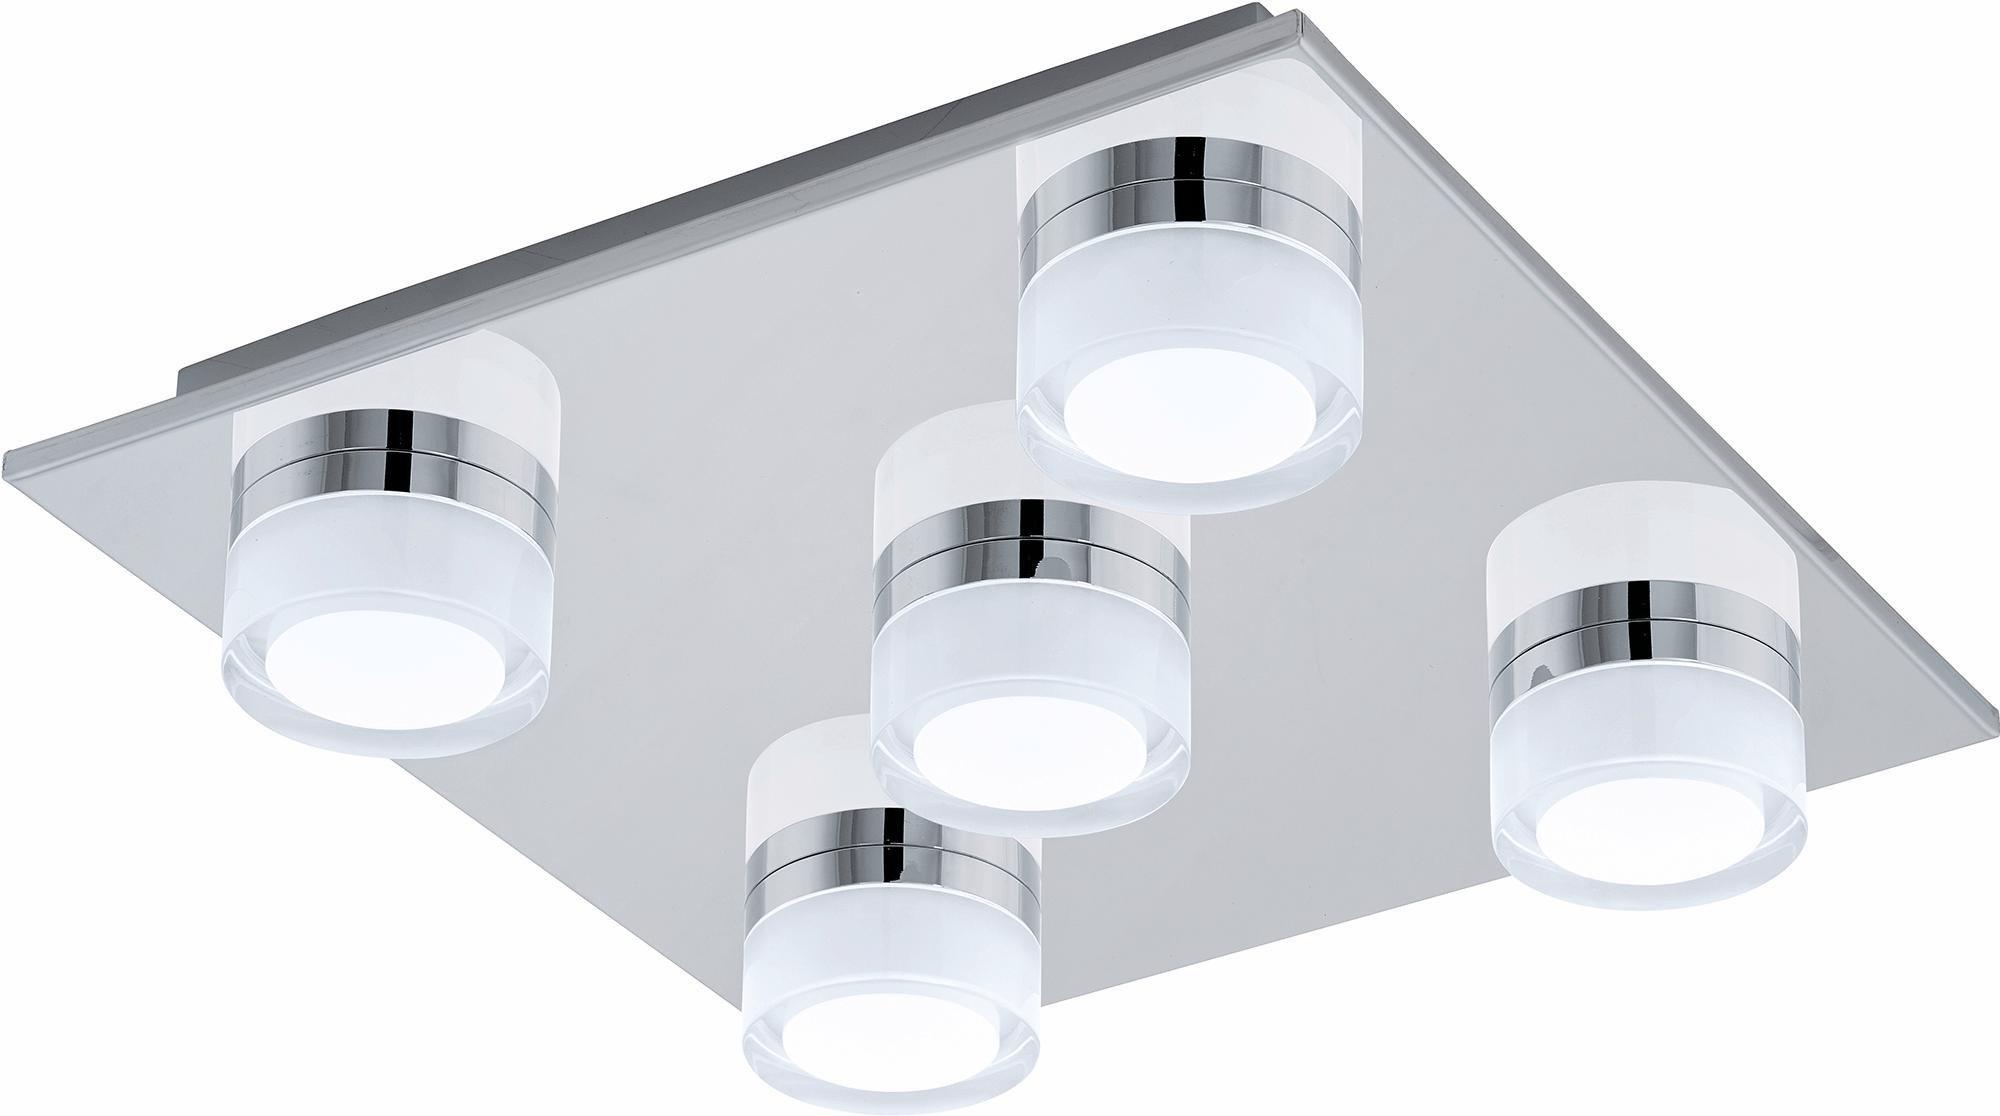 Deckenlampen online kaufen möbel suchmaschine ladendirekt.de